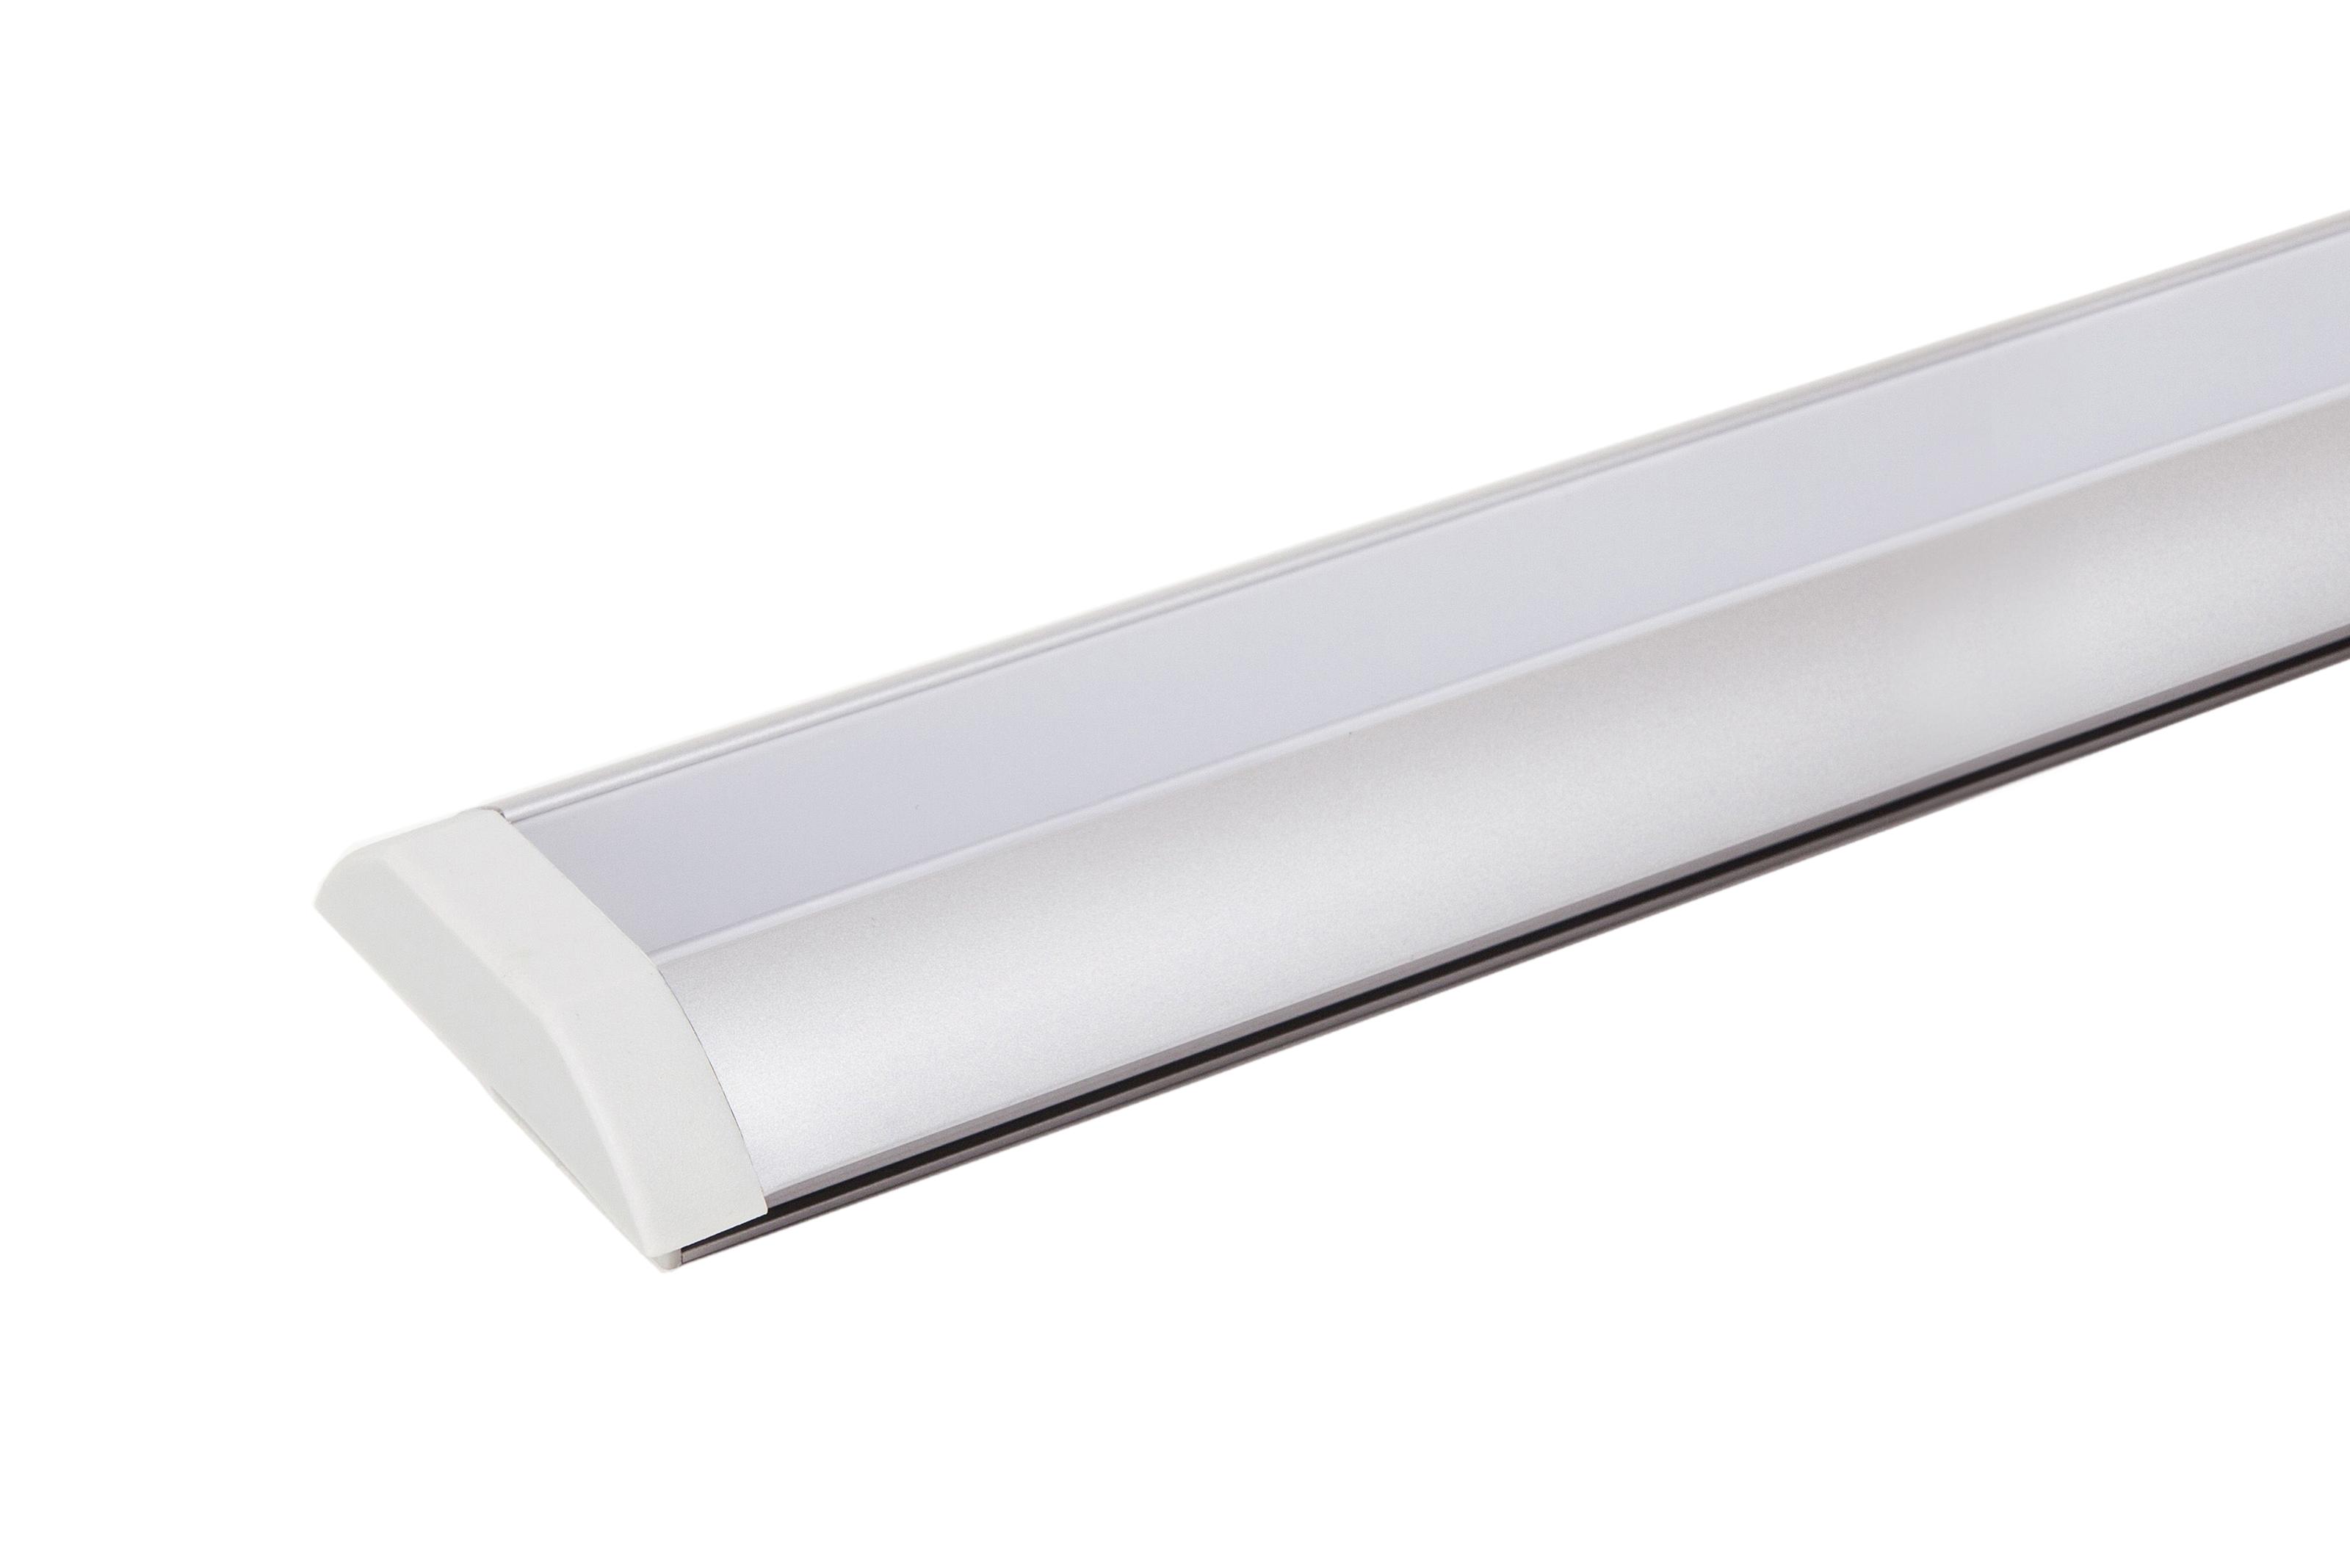 lightline-bh-4-mj-lighting-v2